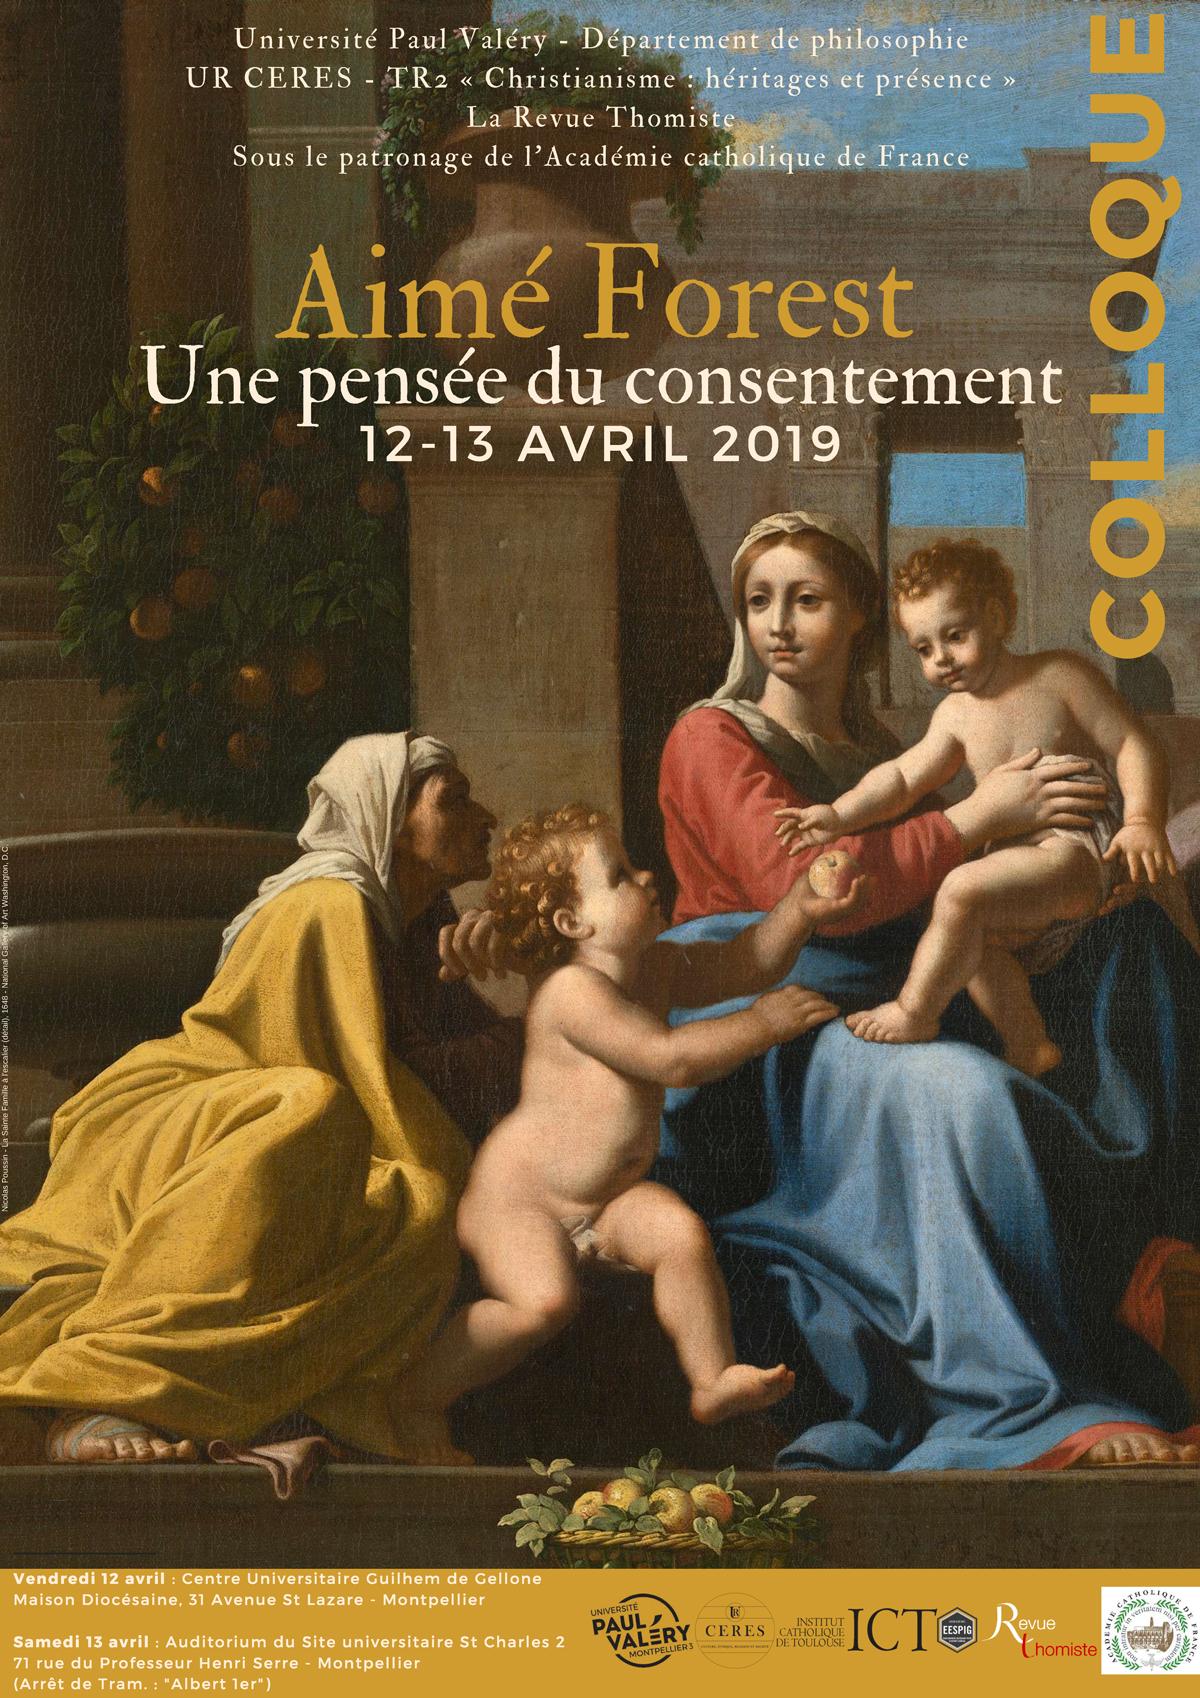 """Colloque: """"Aimé Forest, Une pensée du consentement"""" les 12 & 13 avril 2019 à Montpellier (34)"""